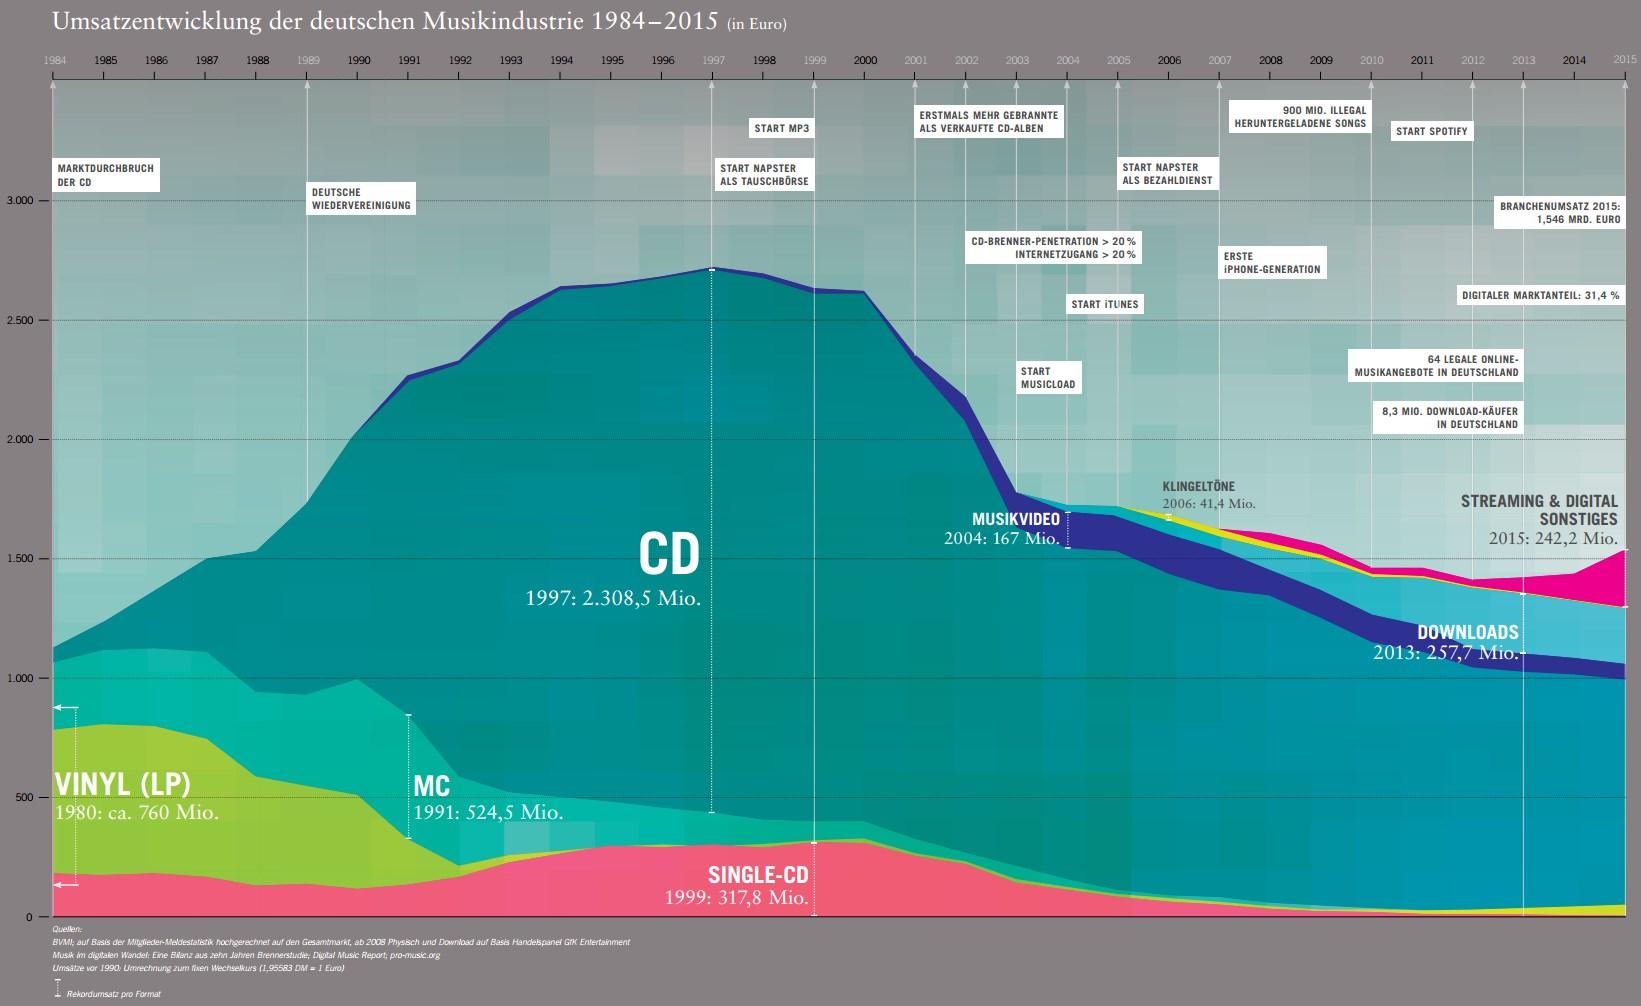 Quelle: Musikindustrie in Zahlen 2015 – BVMI